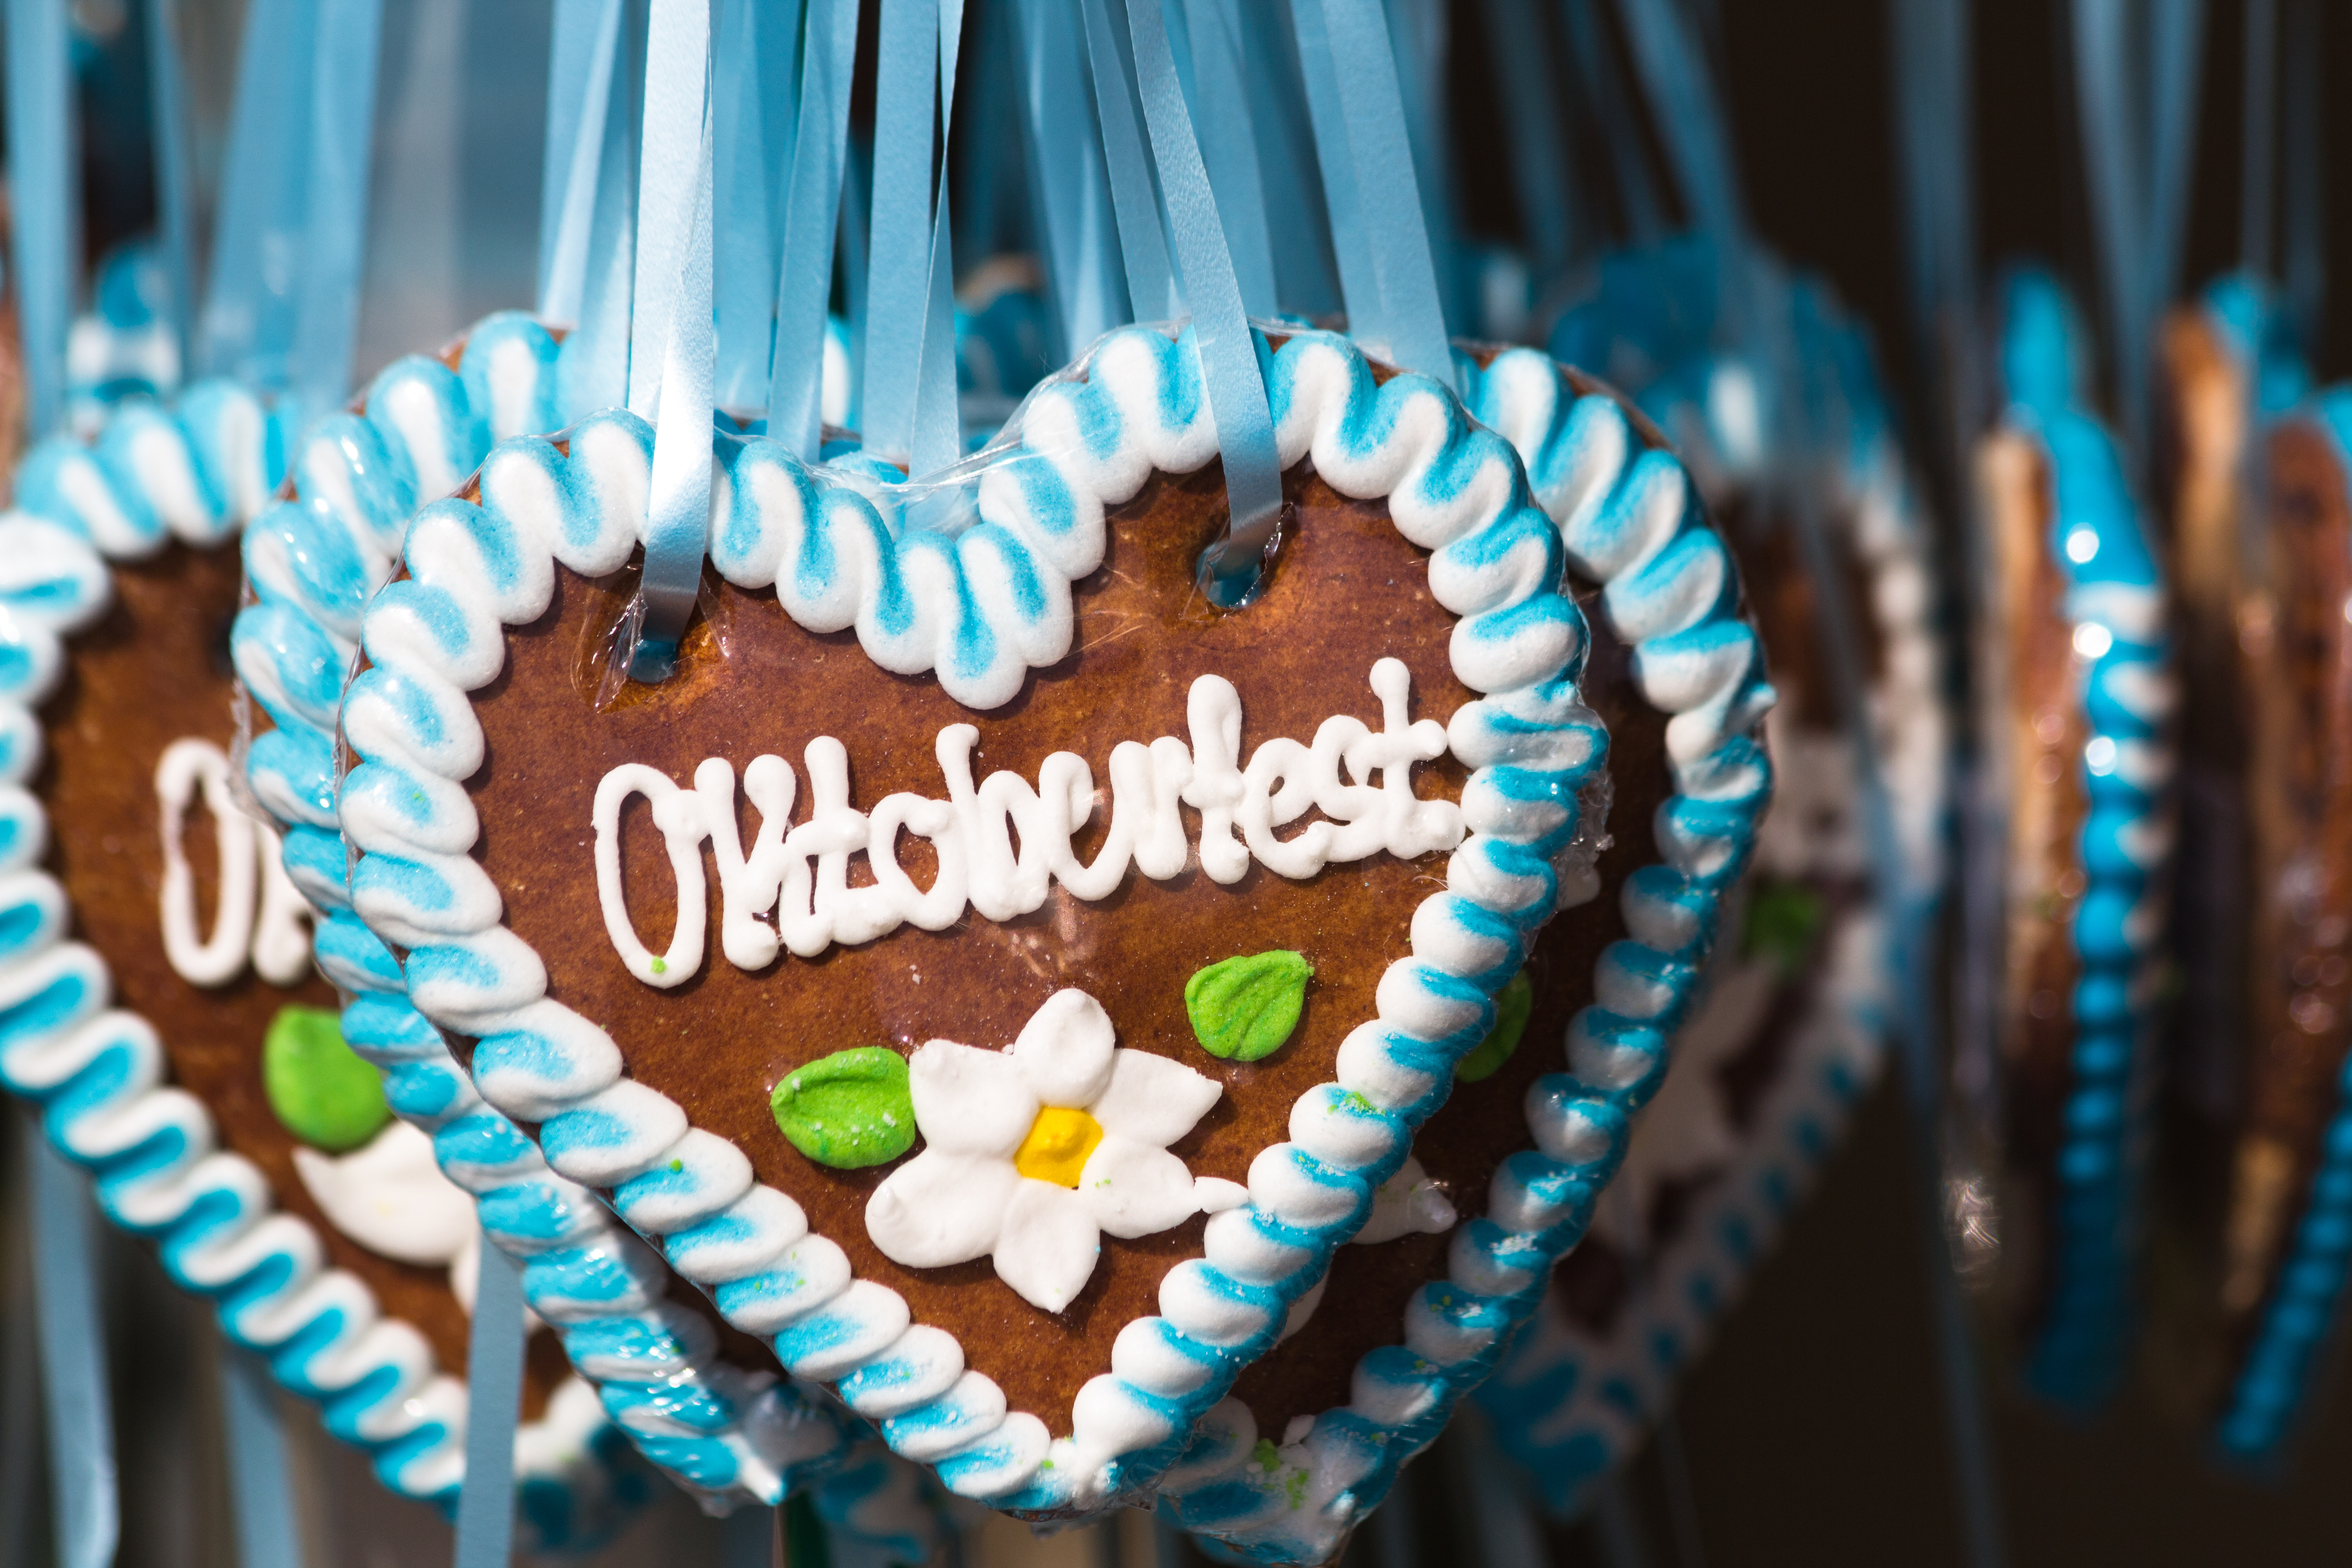 La Oktoberfest de Múnich, la tradicional fiesta de la cerveza - Alemania Circuito Ruta Romántica, Selva Negra y Alsacia